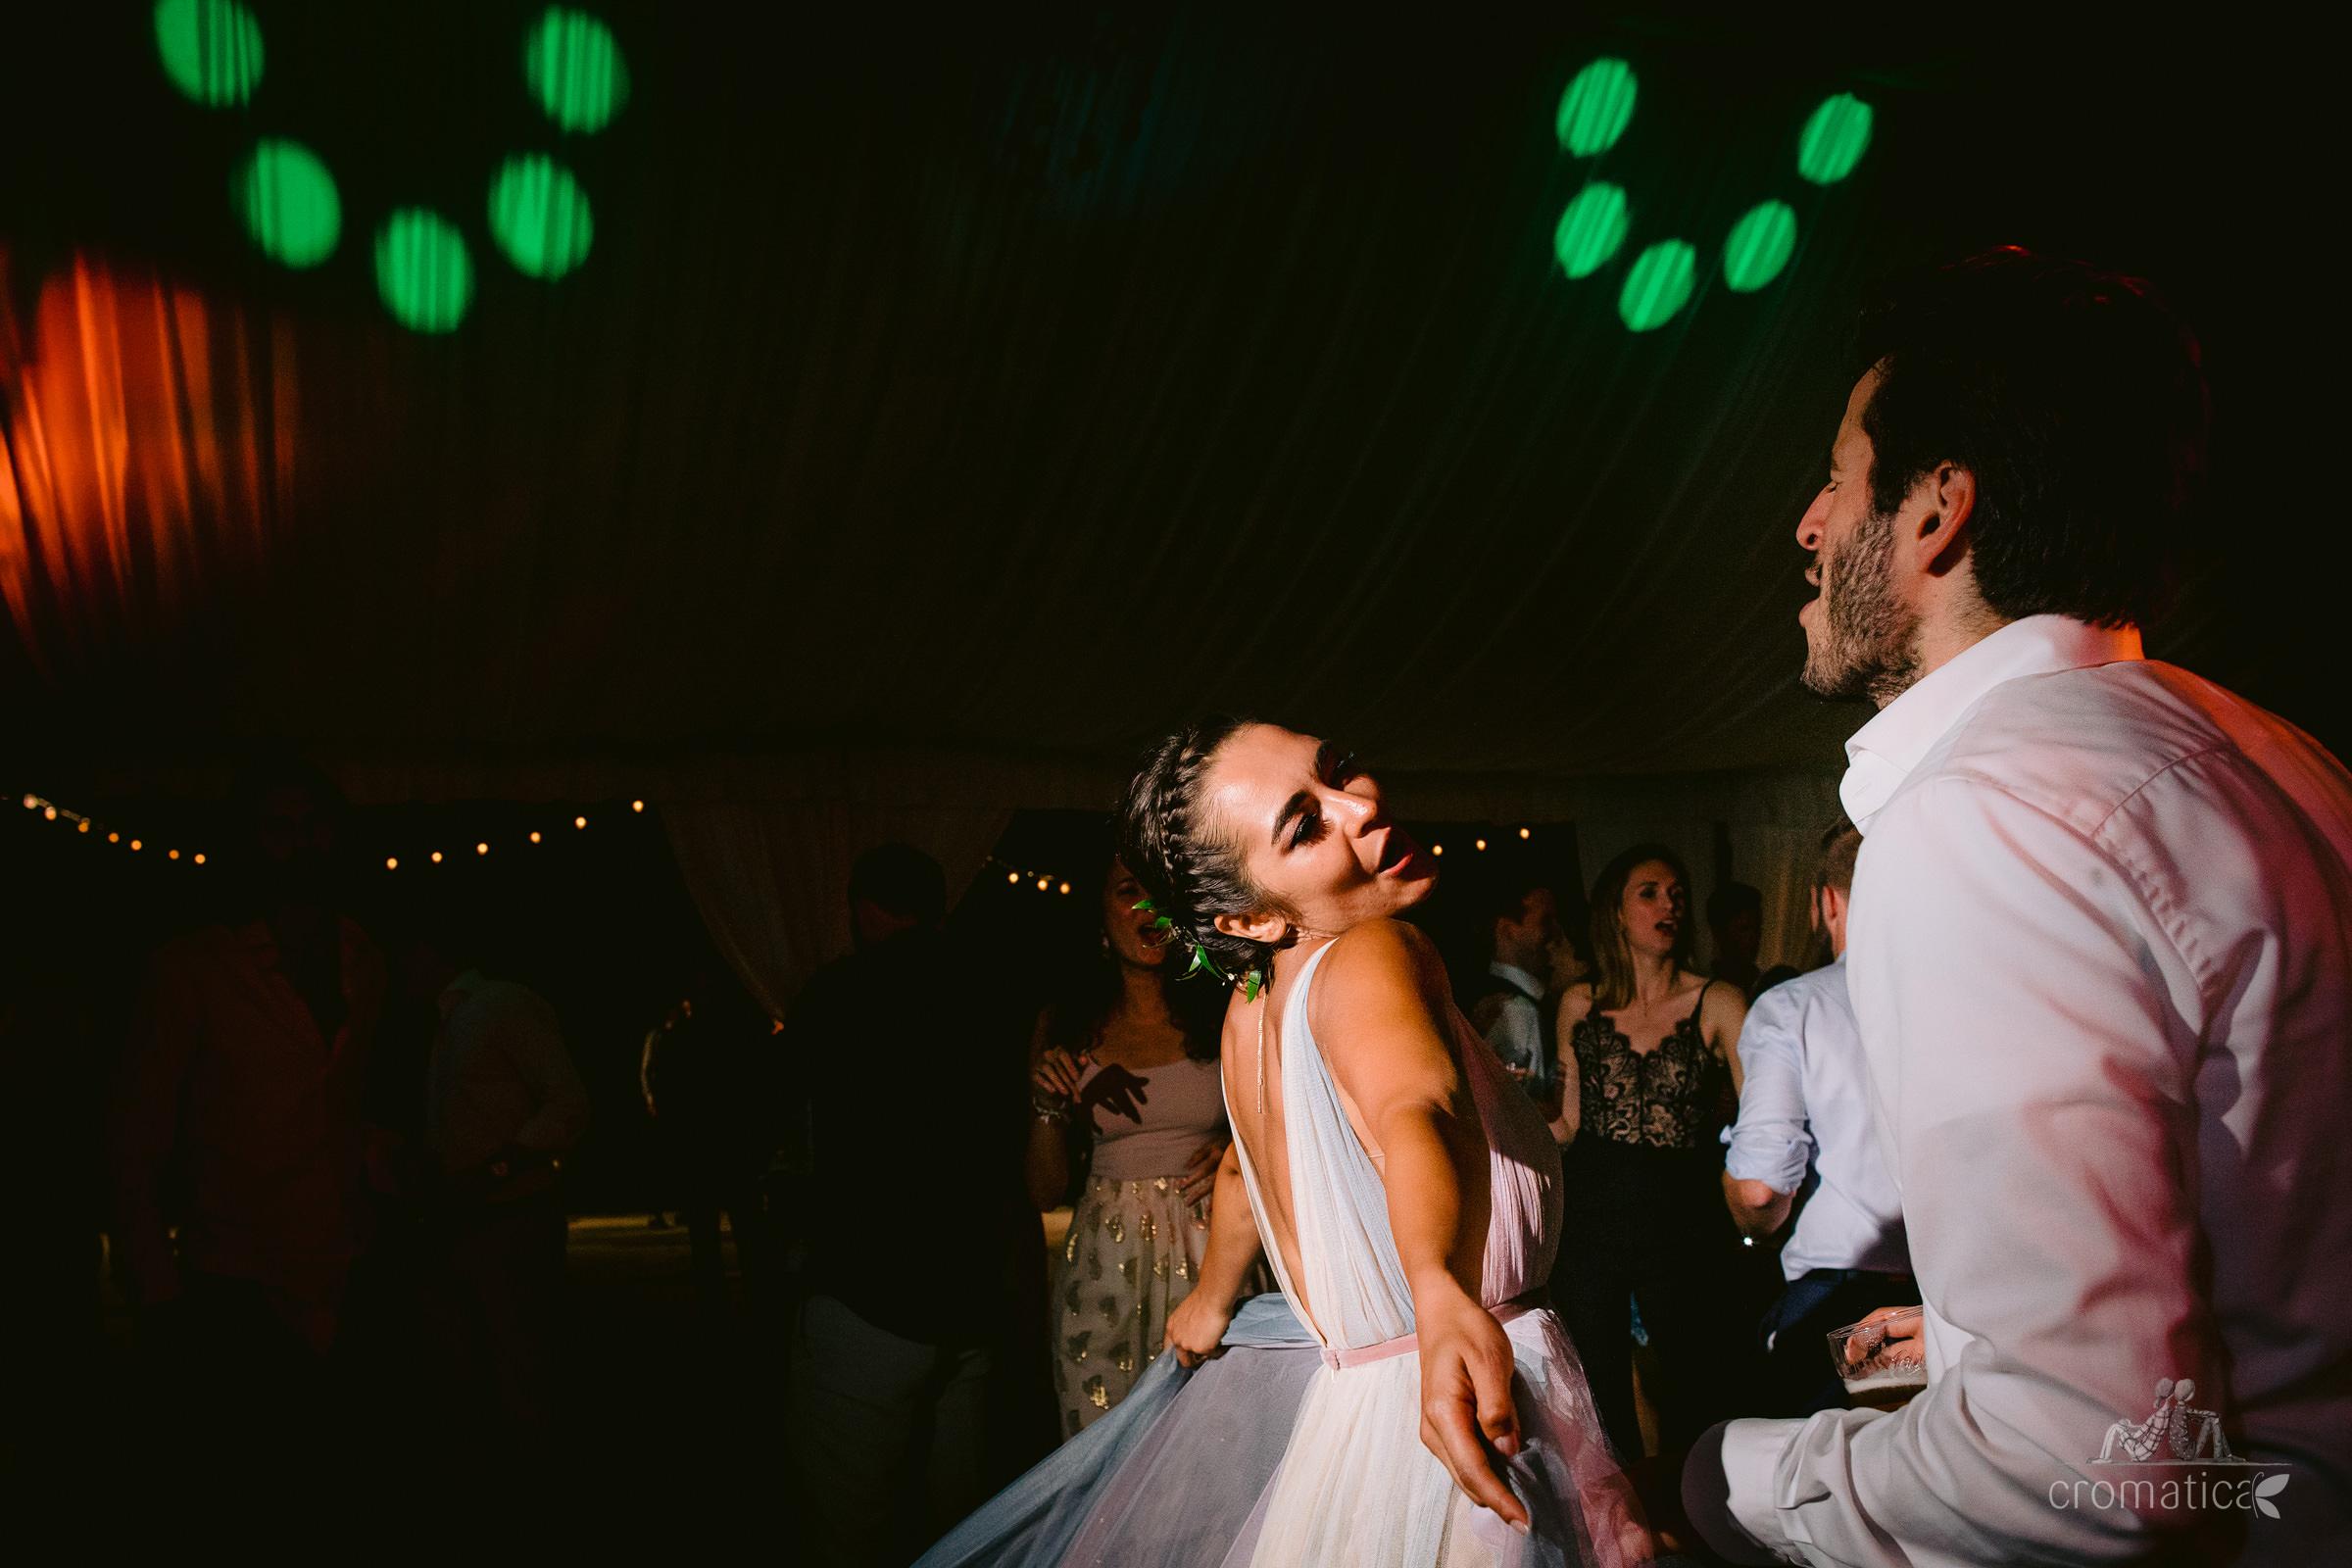 georgiana robert fotografii nunta casa vlasia 101